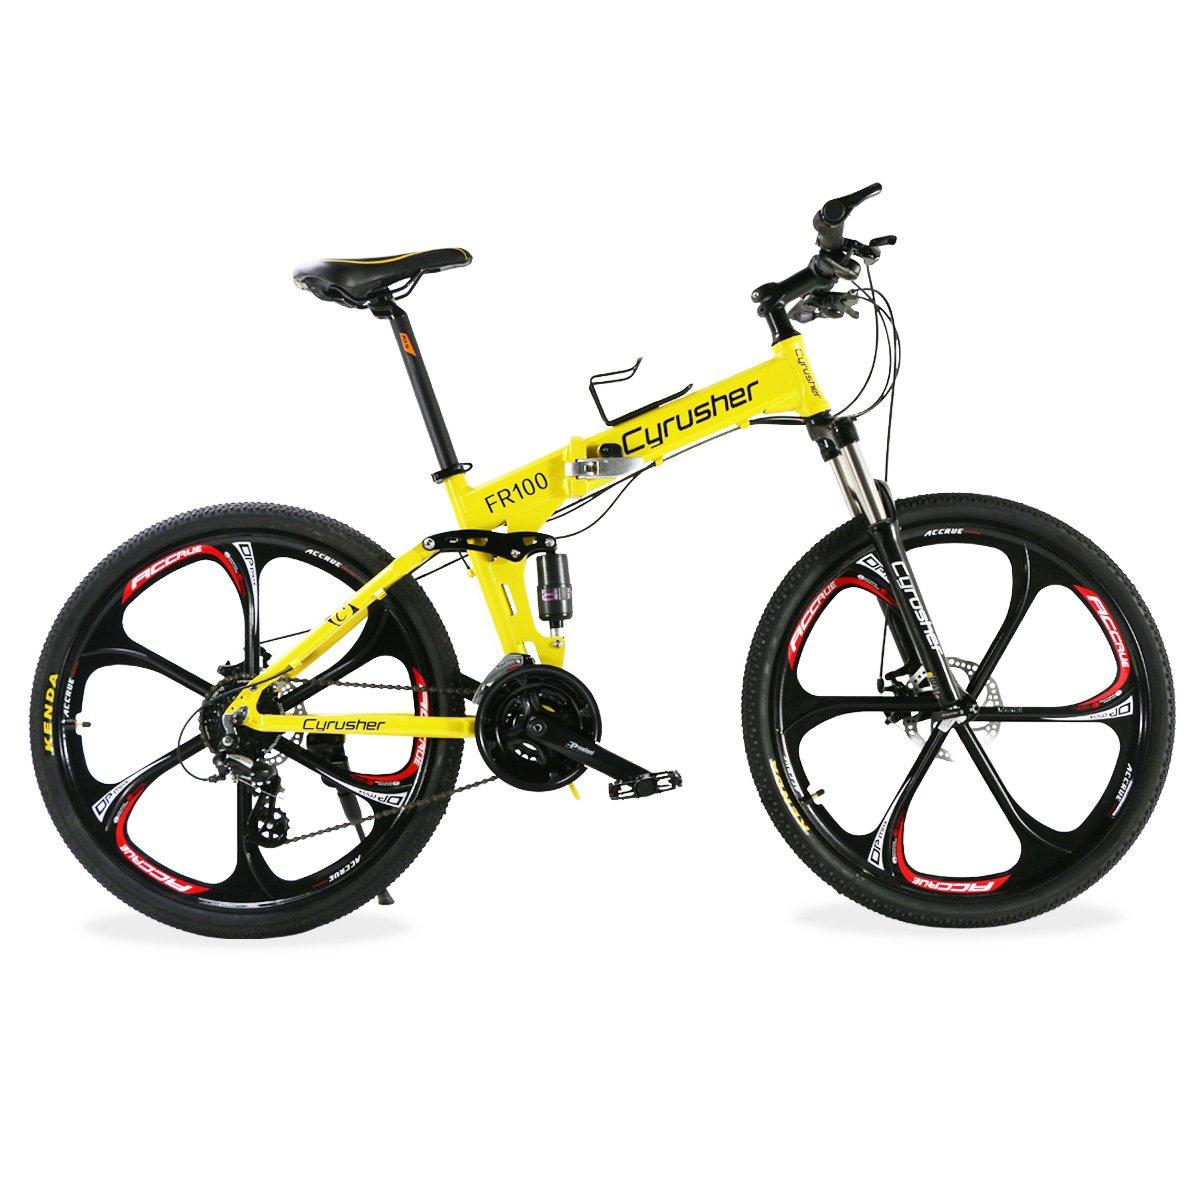 Extrbici FR100 自転車 マウンテンバイク 折りたたみ MTB シマノ24段変速 ディスクブレーキ フルサスペンション アルミフレーム 26インチ 一体式リム 軽量 泥除け付き B075R4H76C イエロー イエロー